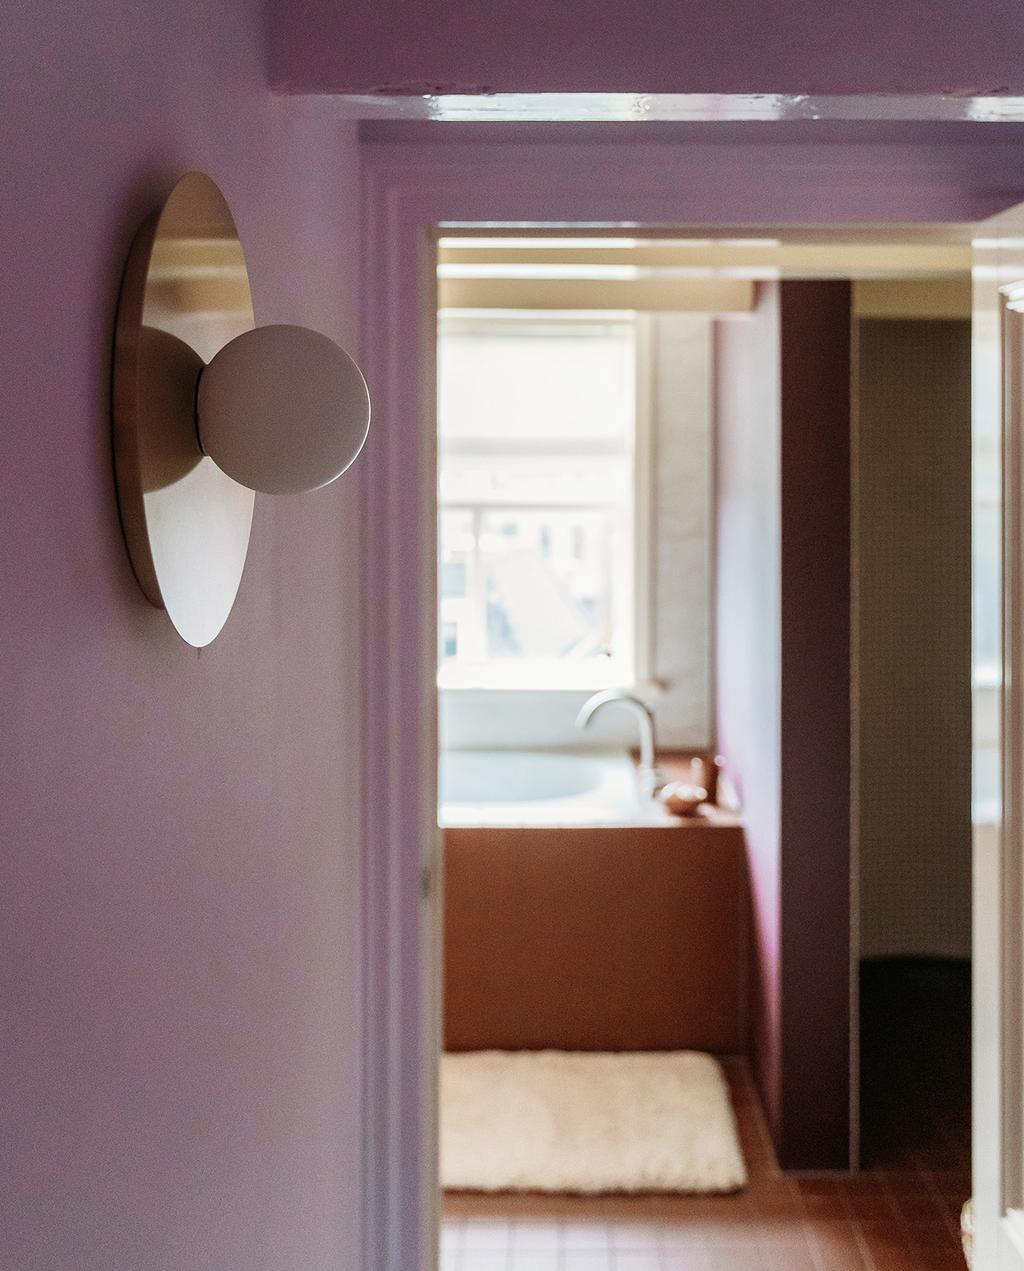 vtwonen 03-2021 | roze hal met muur en deur naar de badkamer